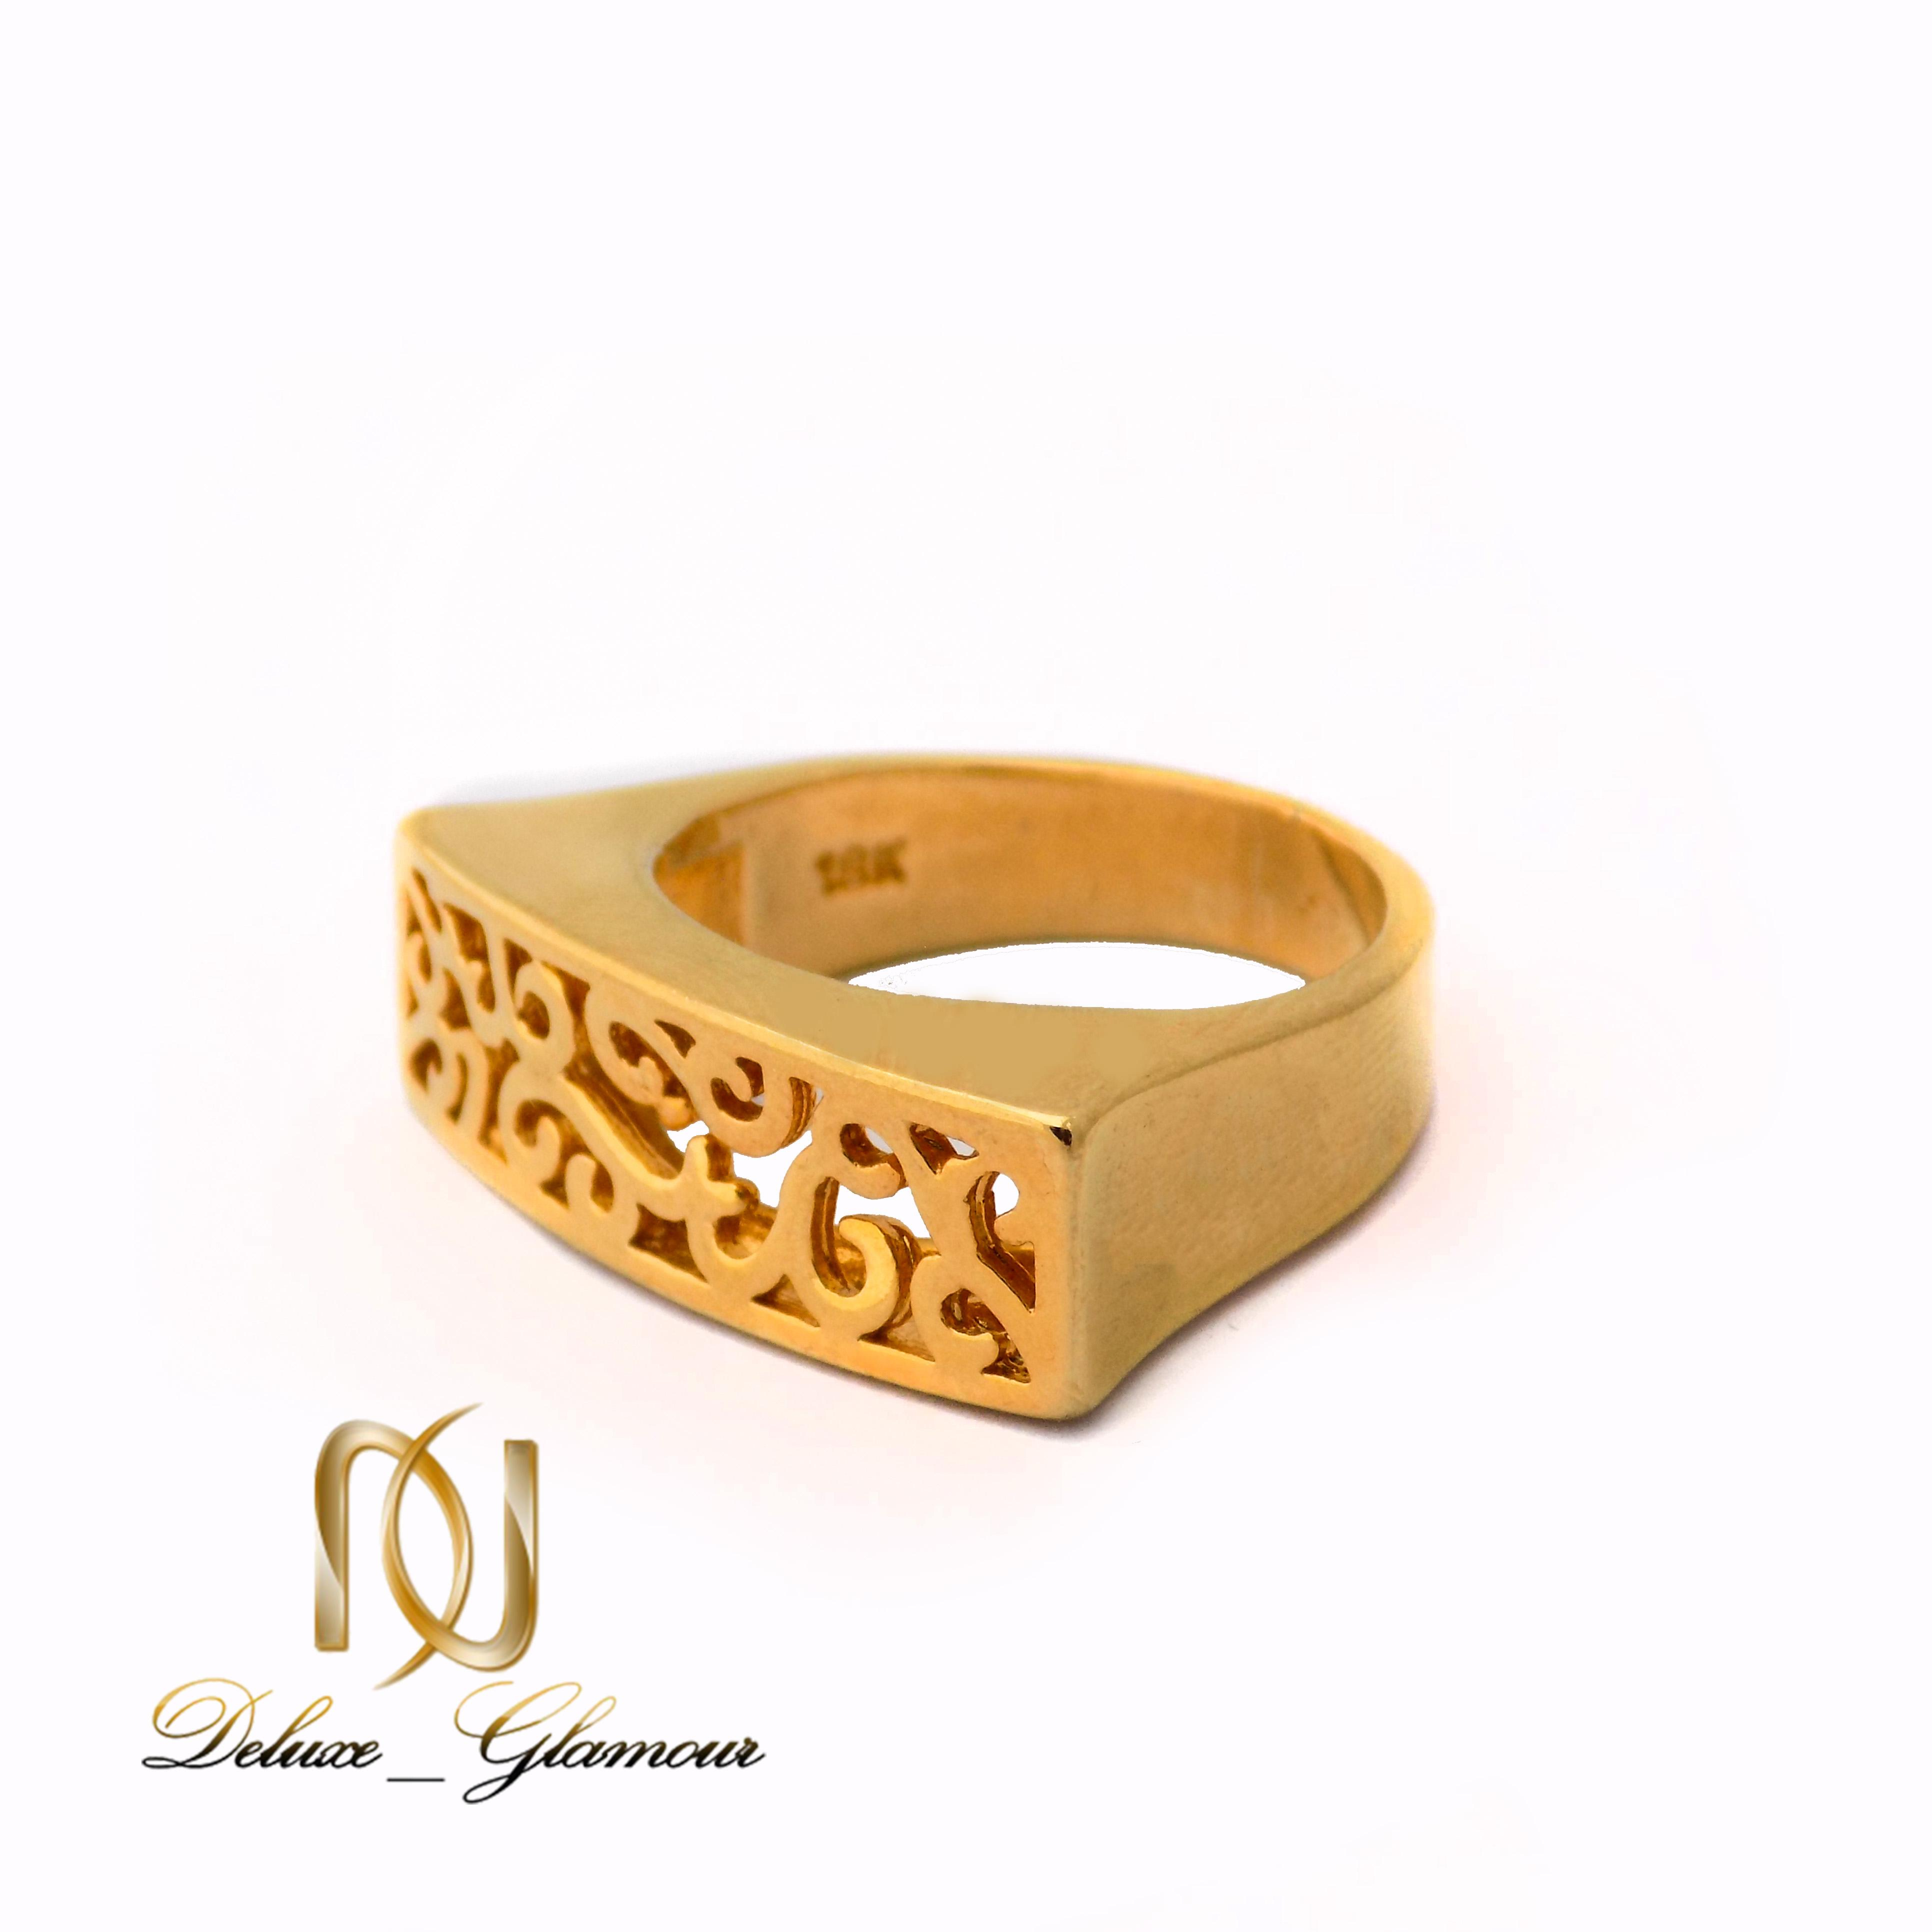 انگشتر زنانه برنجی طرح طلا توری مستطیلی rg-n368 از نمای پایین